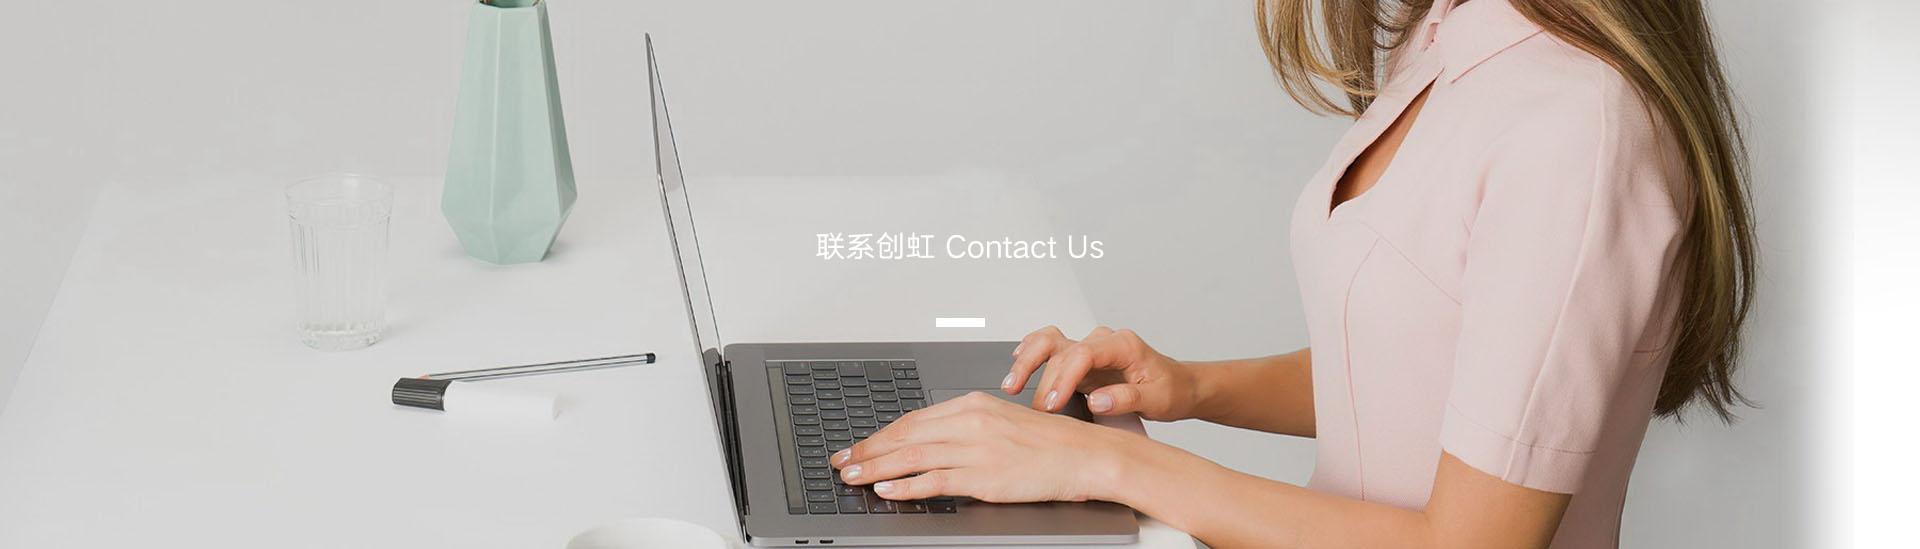 联系我们广告